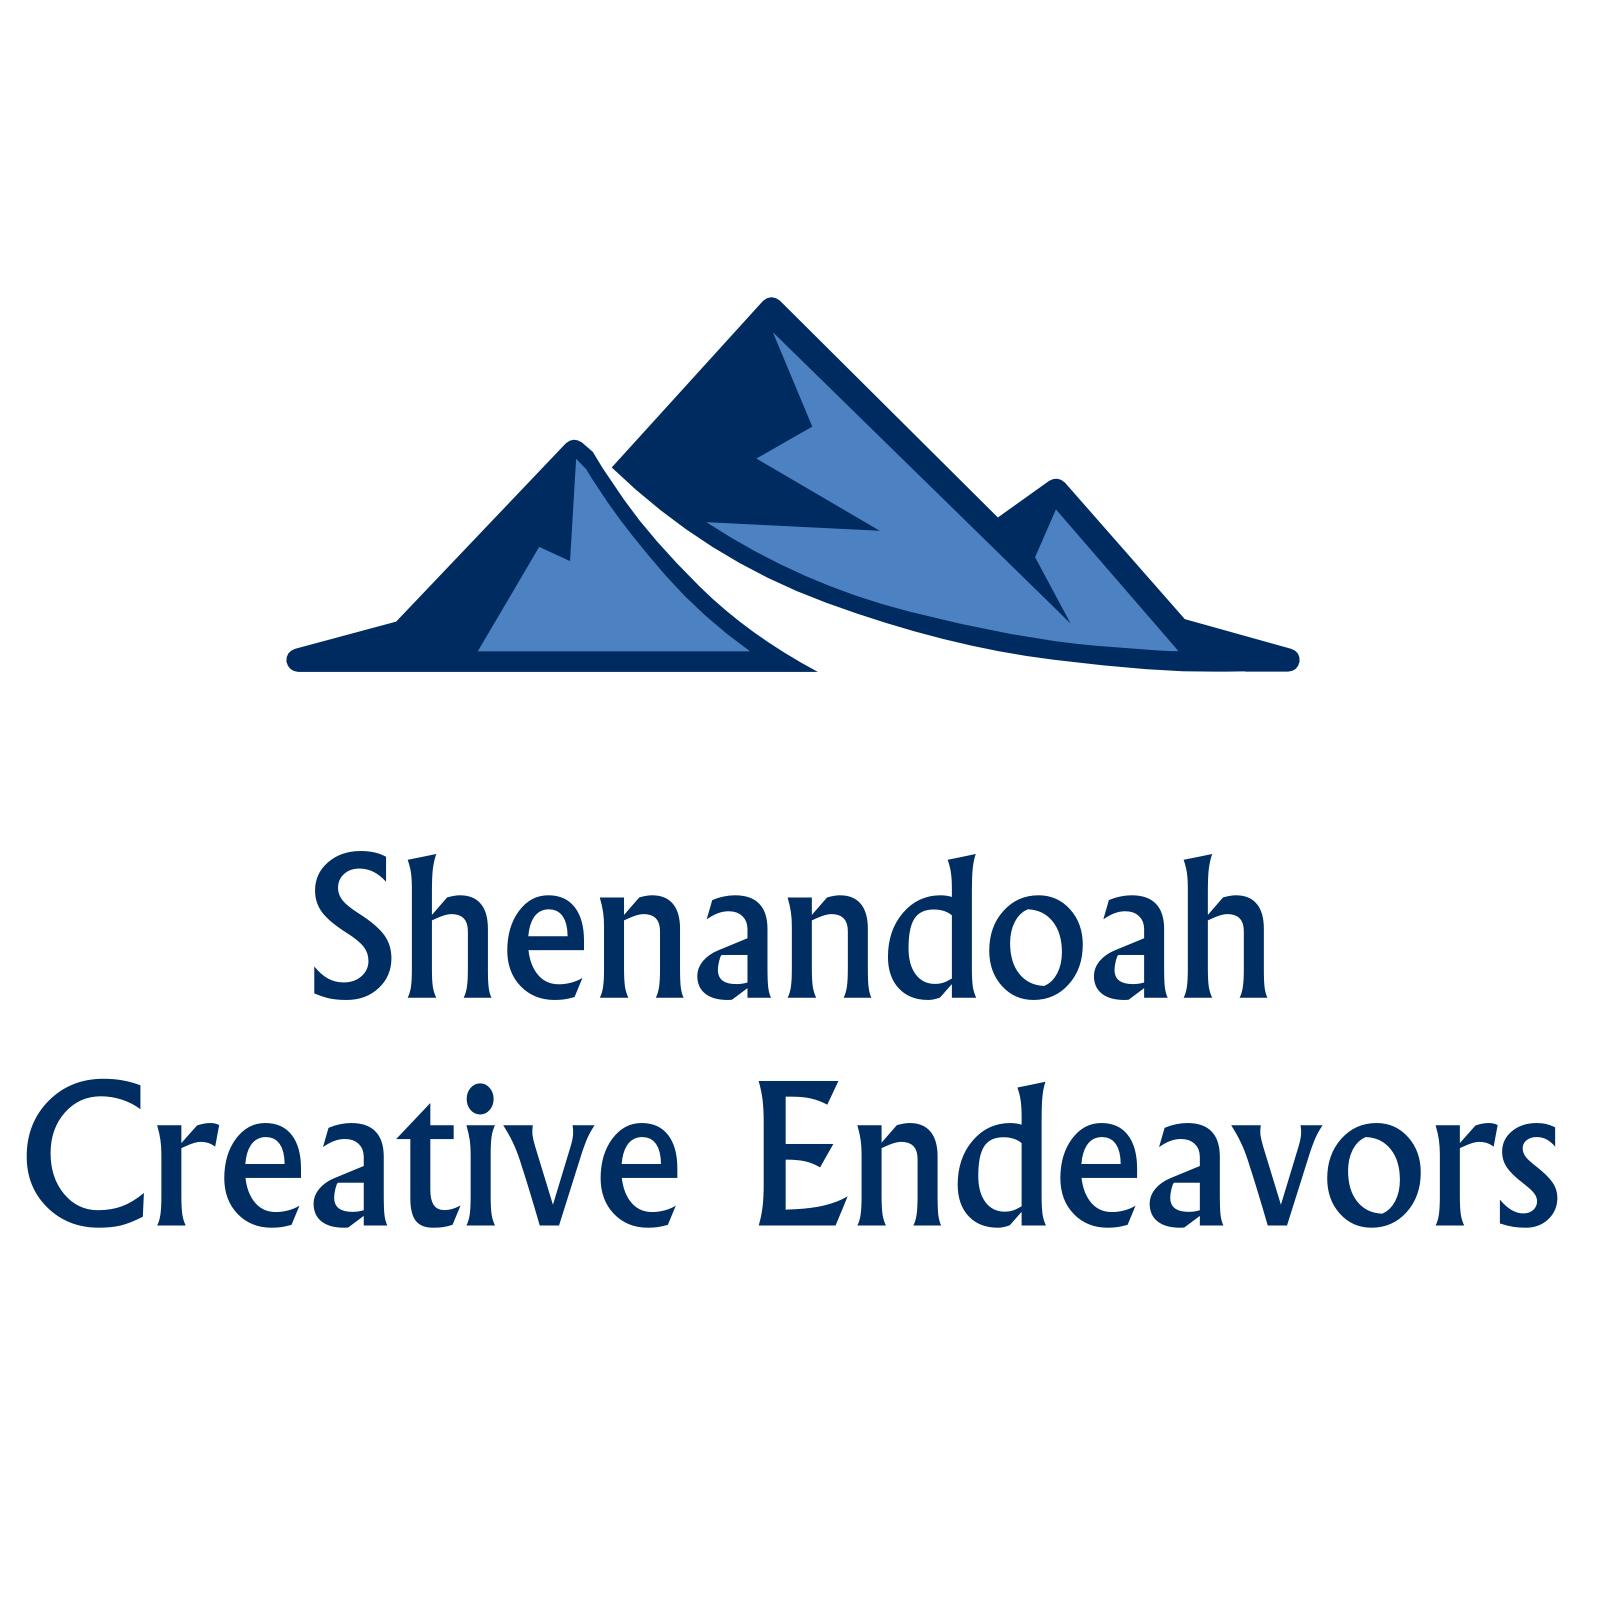 Shenandoah Creative Endeavors - Kitty Shelves Pro image 5